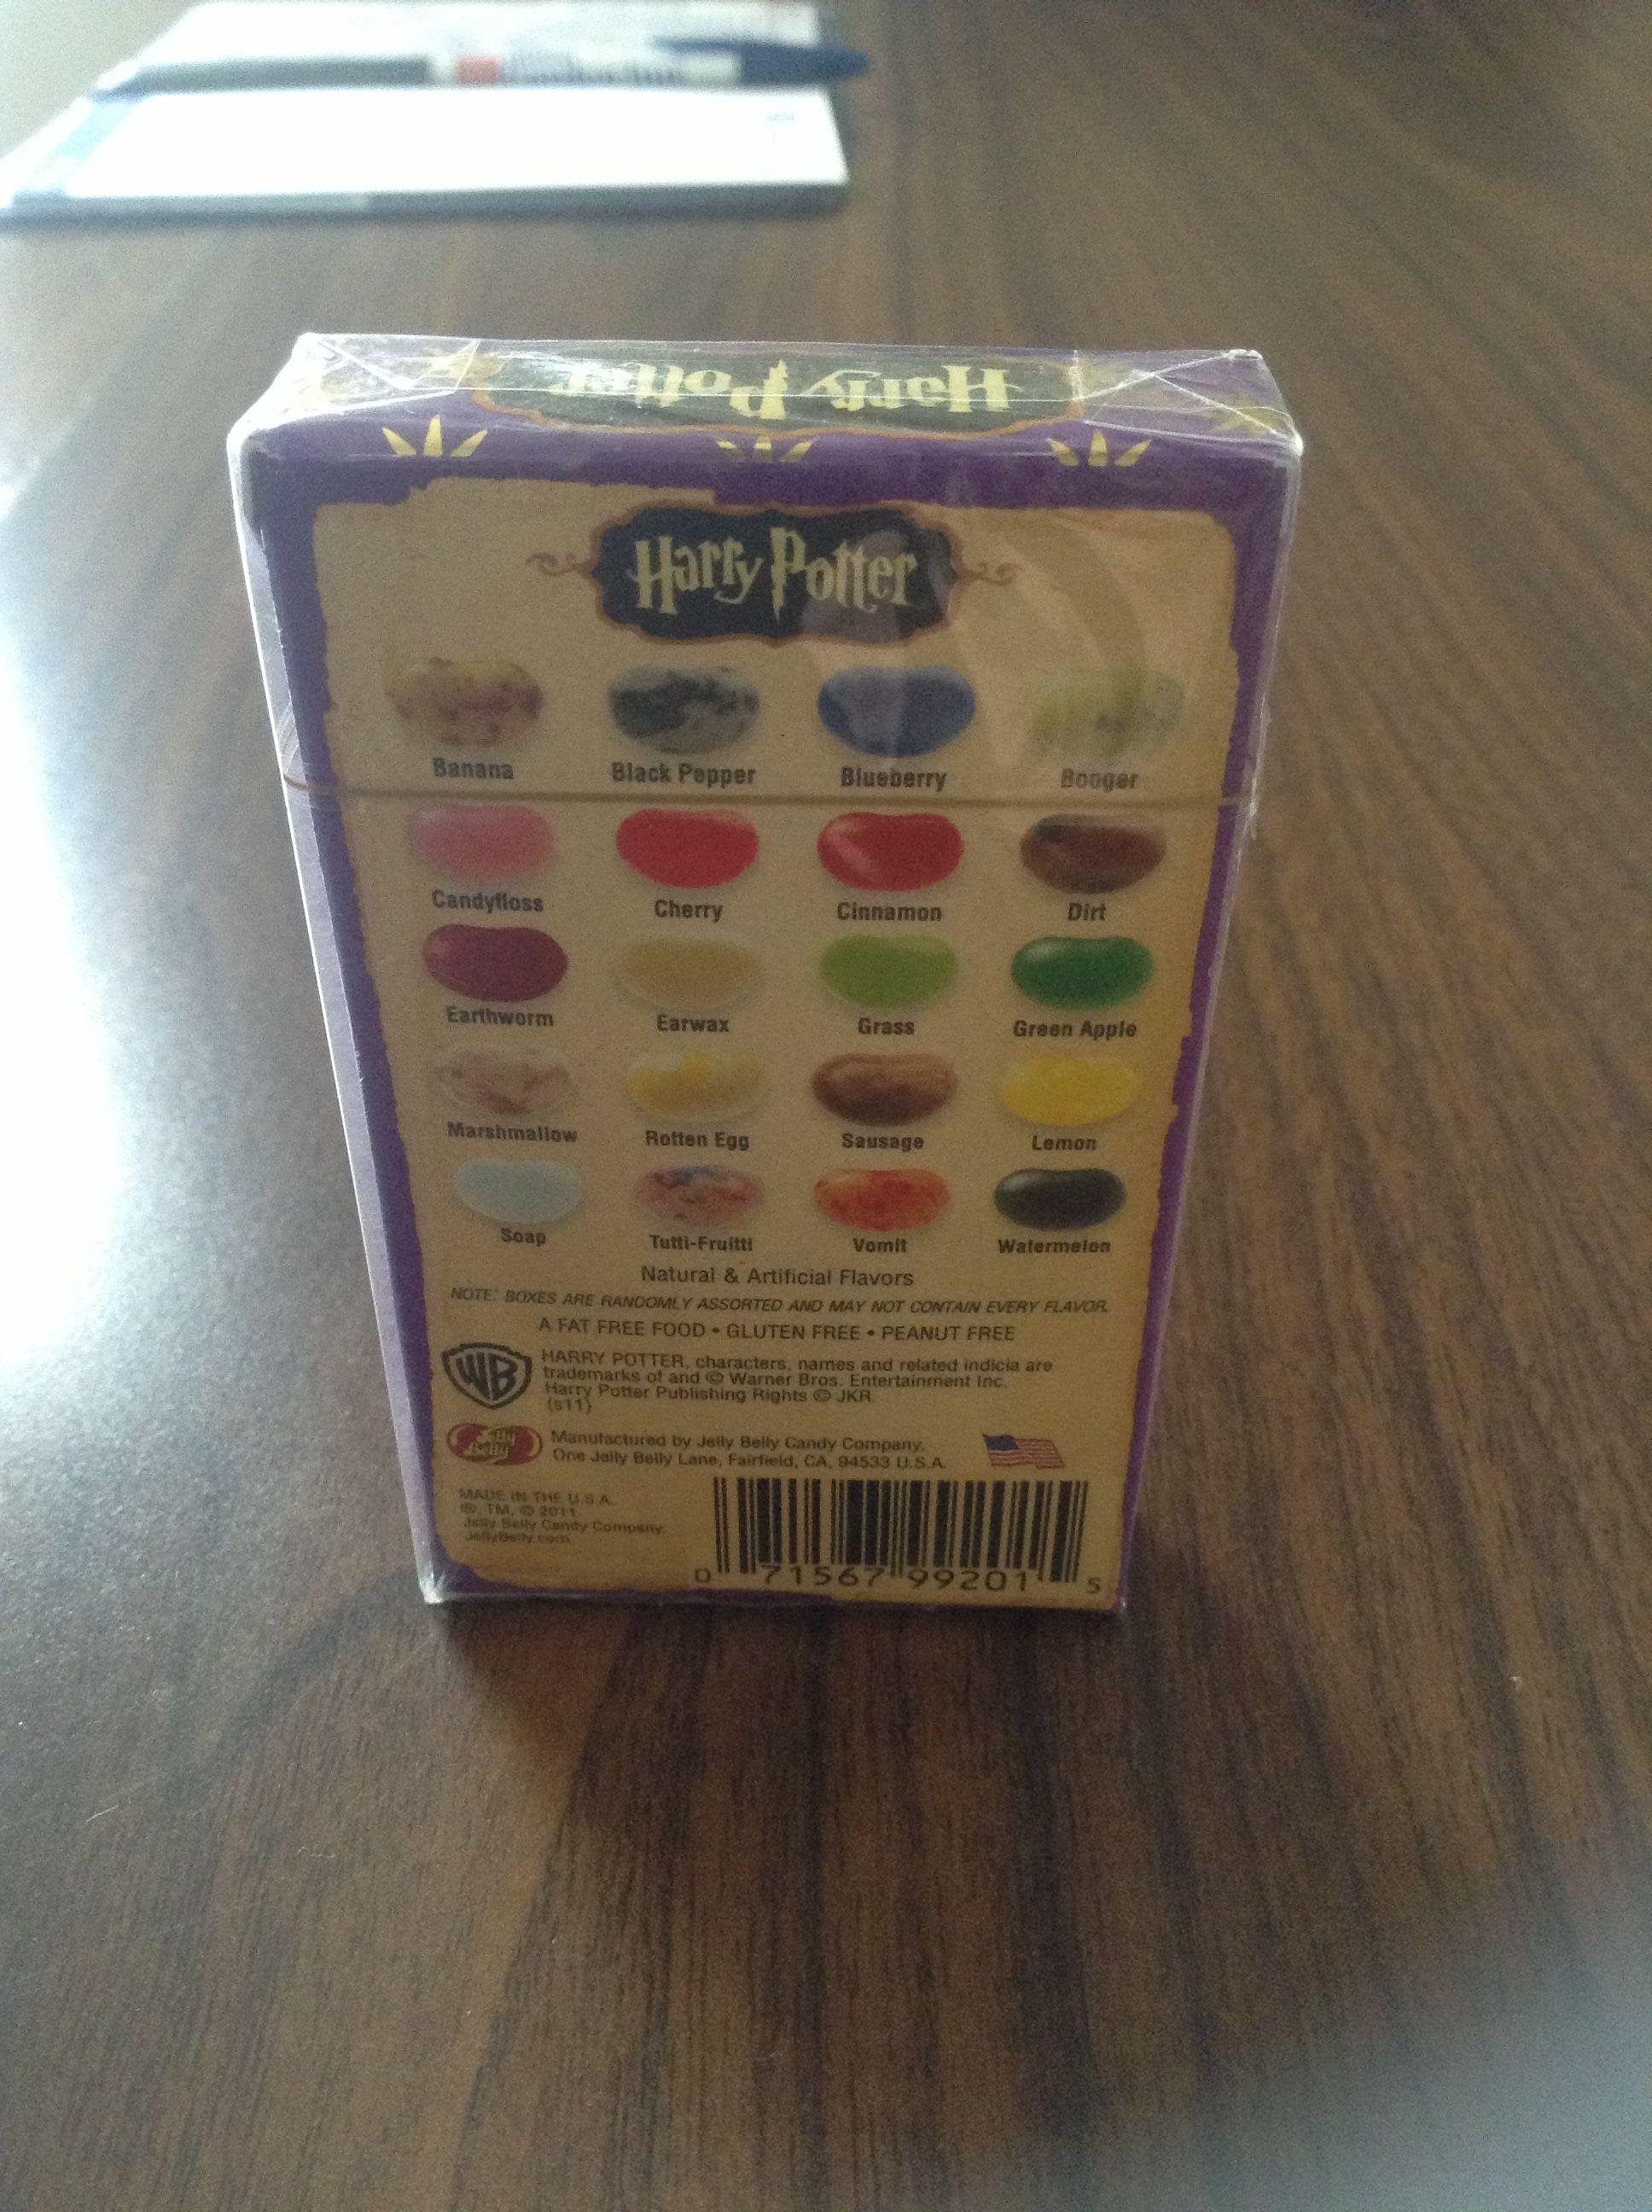 Bertie bott jelly beans from Harry potter try not to puke:)